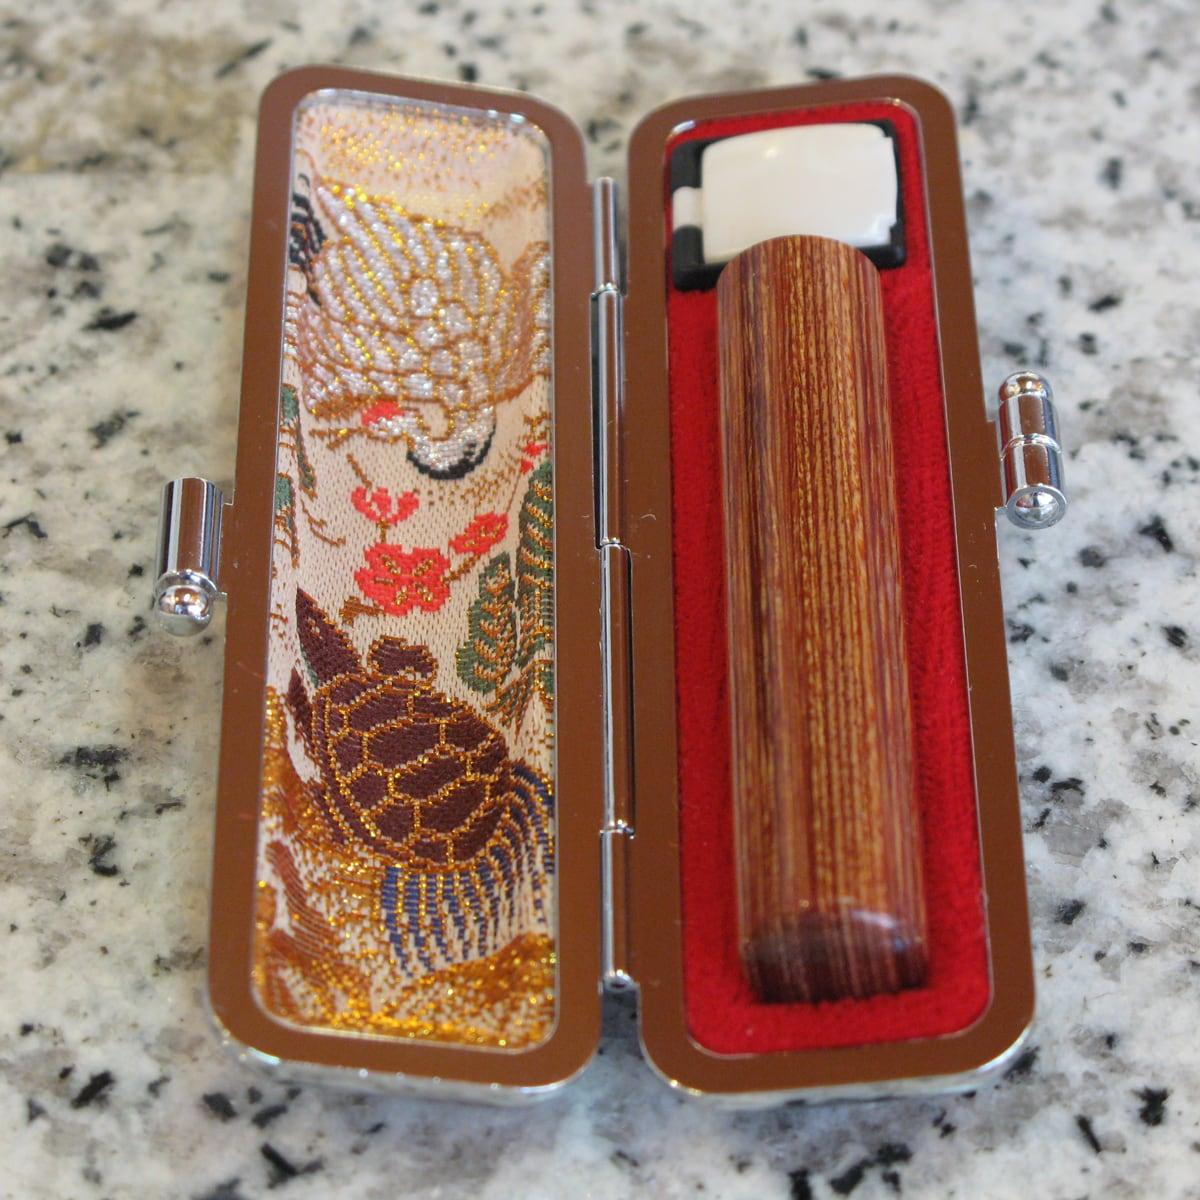 彩華(サイカ) 13.5 mm 実印(高級本革ケース付き)